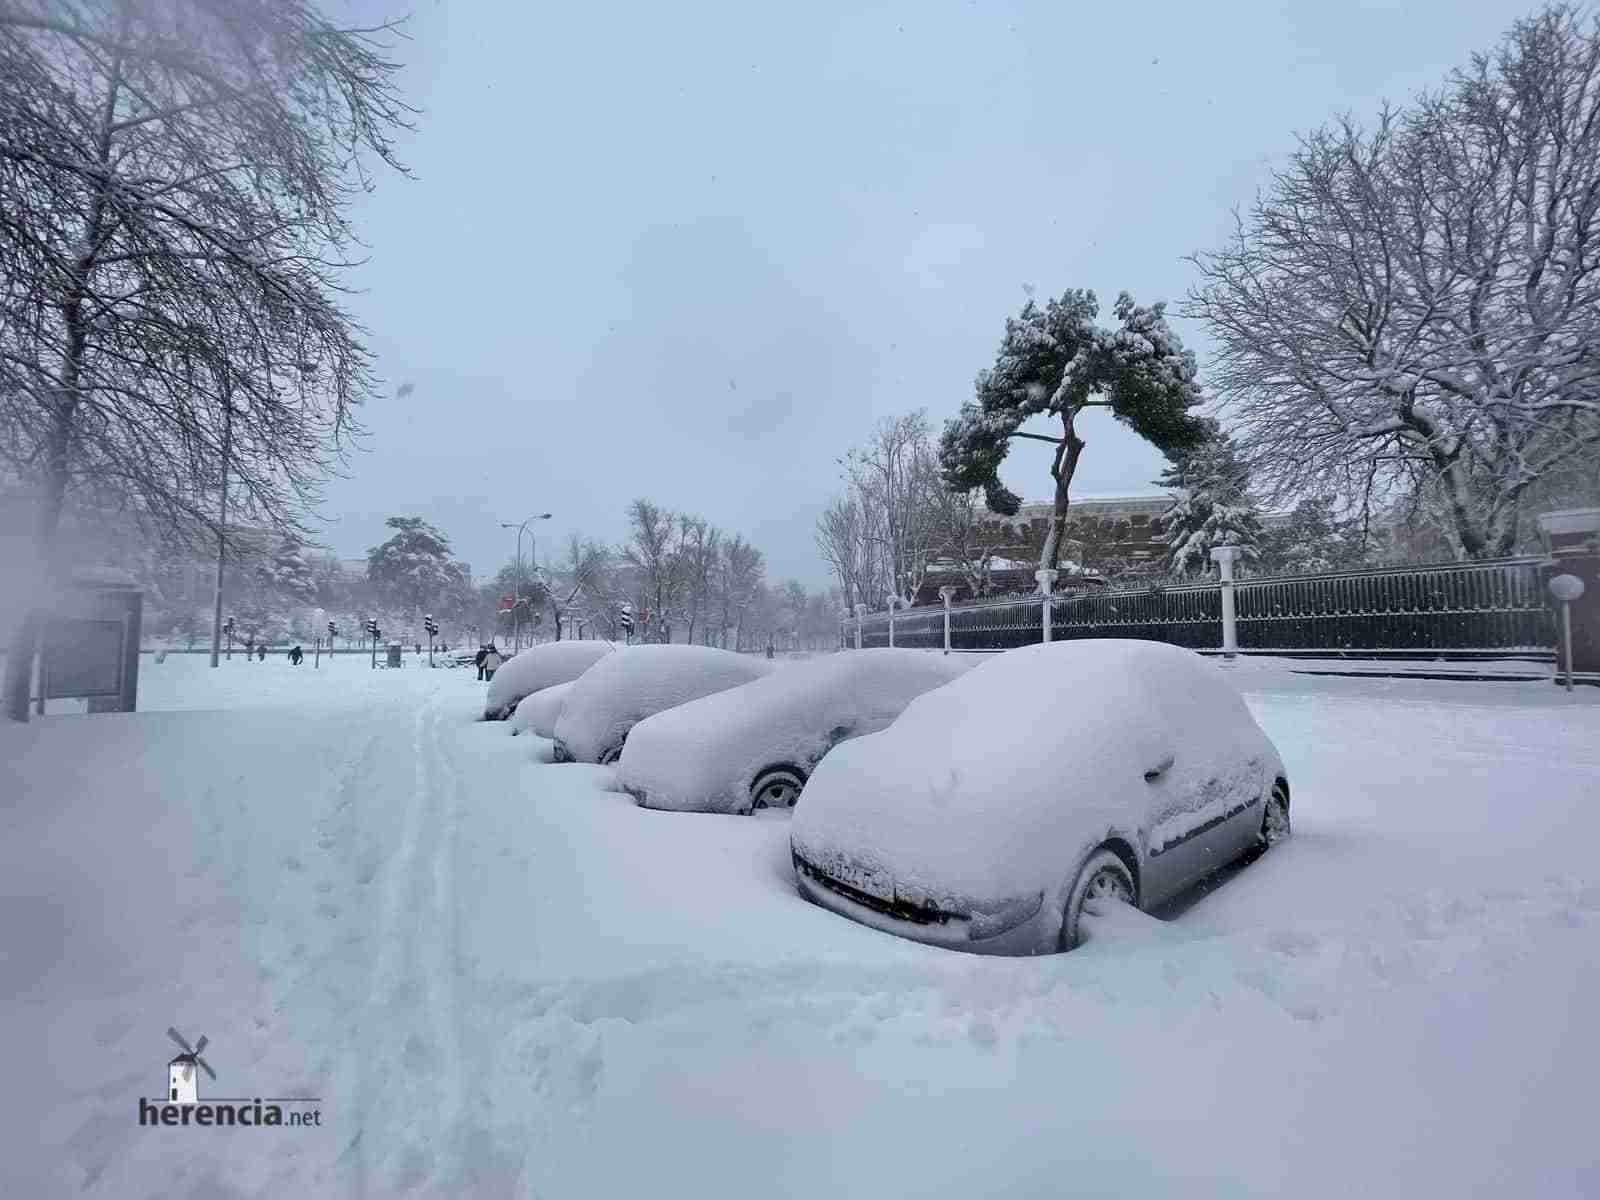 Fotografías de la nevada de enero en Madrid (España) 219